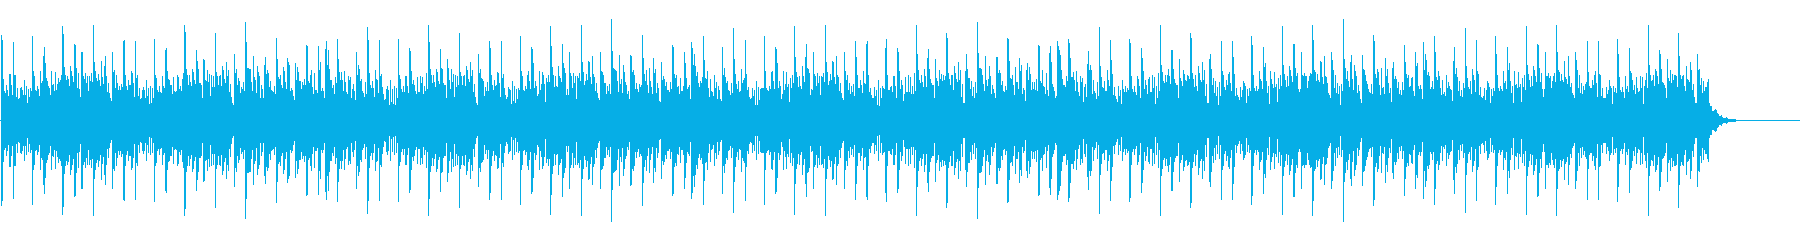 ドキュメンタリー系映像用BGM(WAV)の再生済みの波形